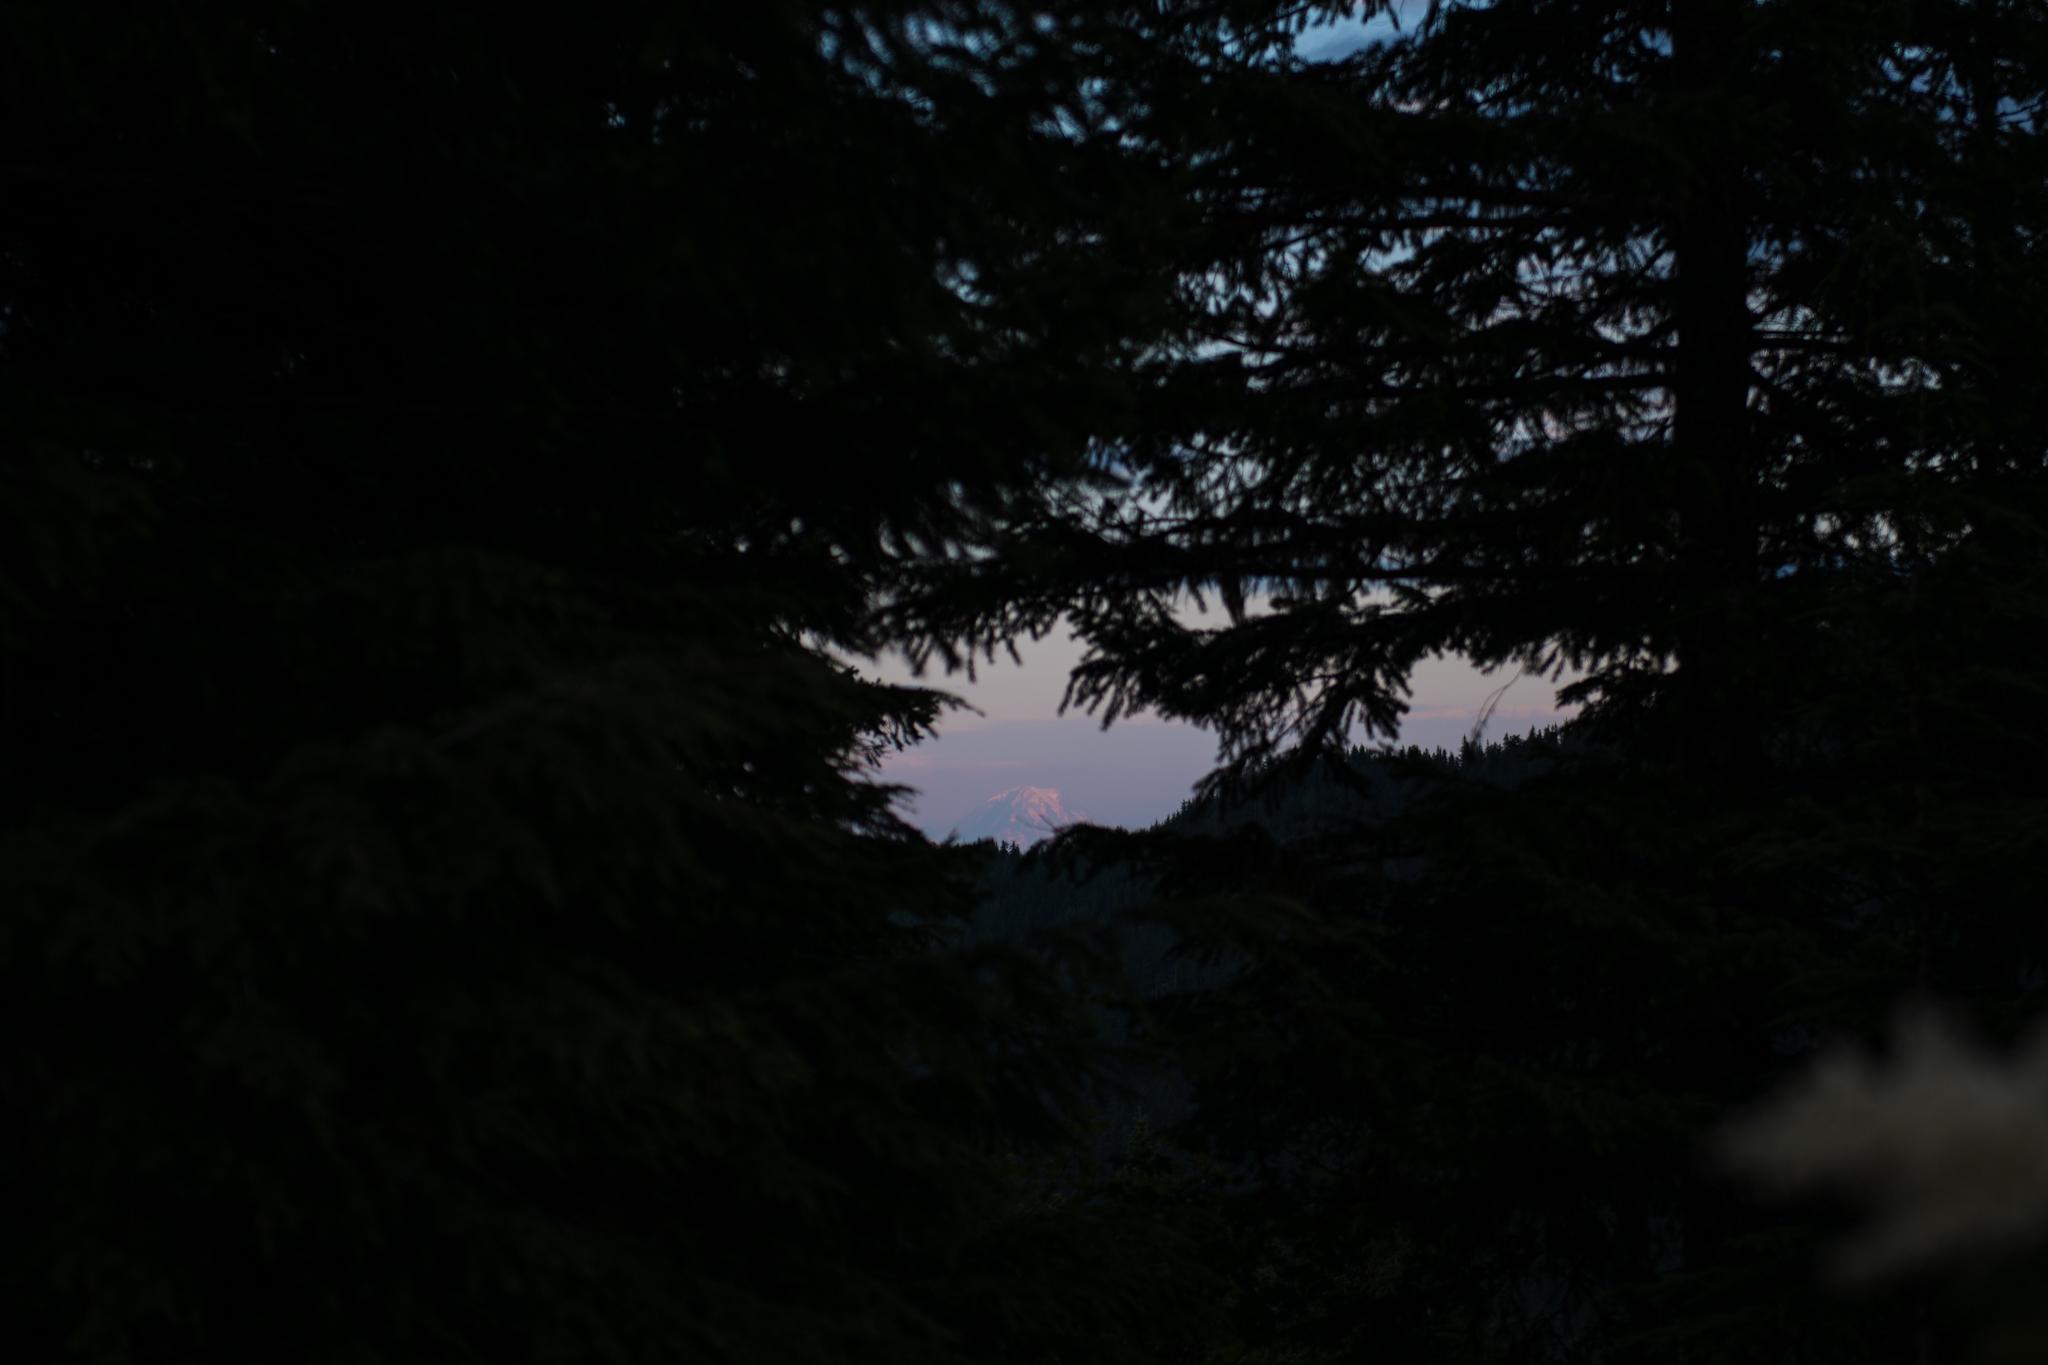 Mountain view through the trees